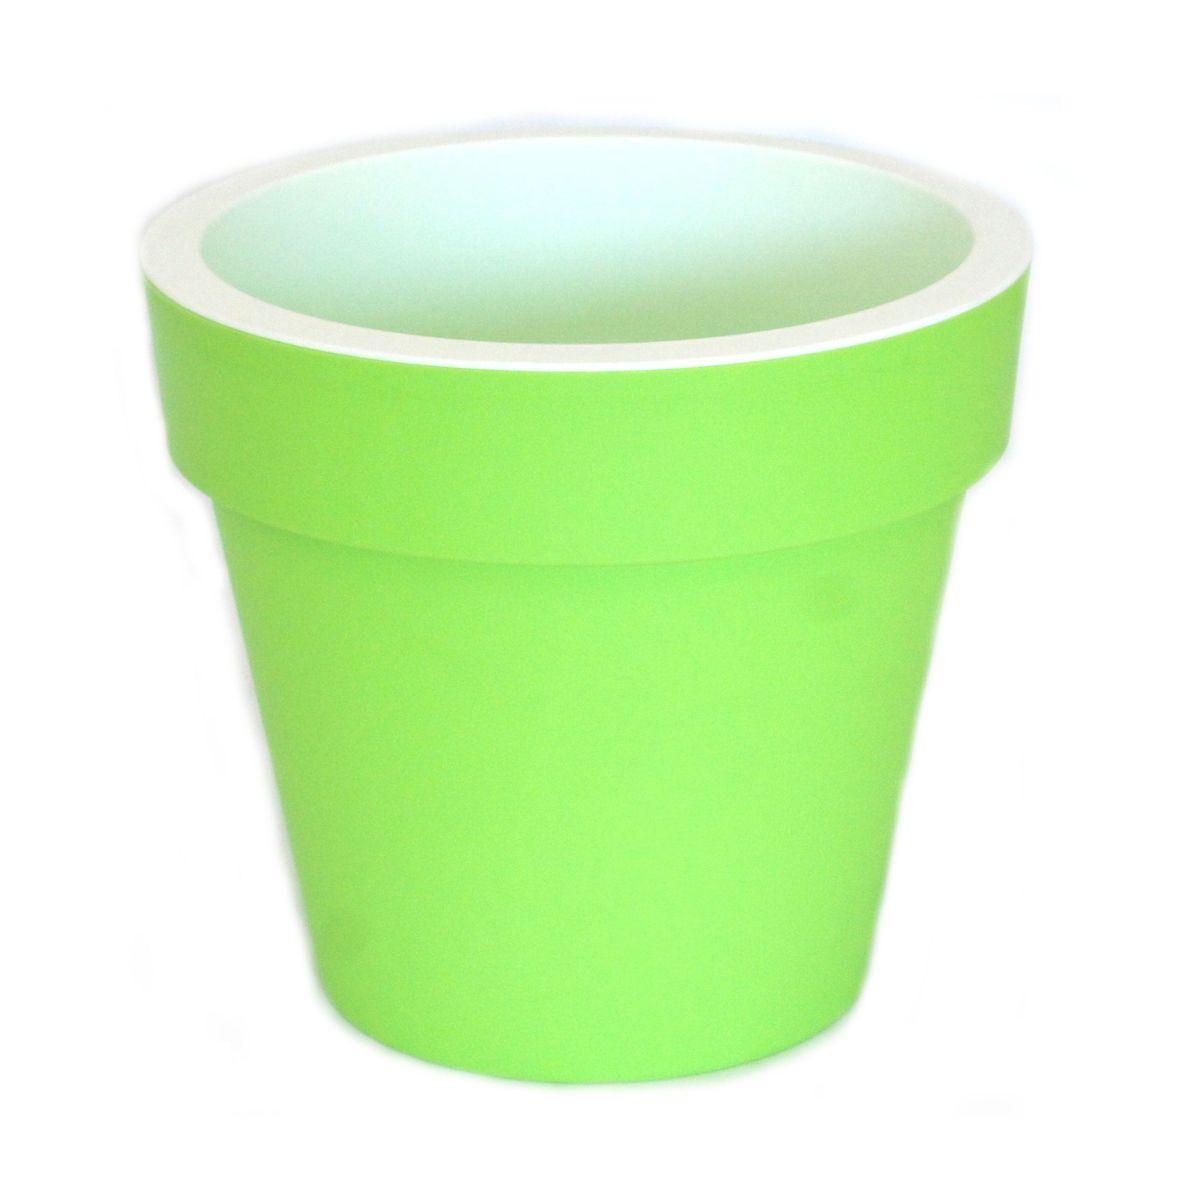 Кашпо JetPlast Порто, со вставкой, цвет: фисташковый, 6 л4612754052998Кашпо Порто классической формы с внутренней вставкой-горшком. Дренажная вставка позволяет легко поливать растения без использования дополнительного поддона. Вместительный объем кашпо позволяет высаживать самые разнообразные растения, а съемная вставка избавит вас от грязи и подчеркнет красоту цветка. Оно изготовлено из прочного полипропилена (пластика). Такое кашпо порадует вас функциональностью, а благодаря лаконичному дизайну впишется в любой интерьер помещения. Объем кашпо: 6 л.